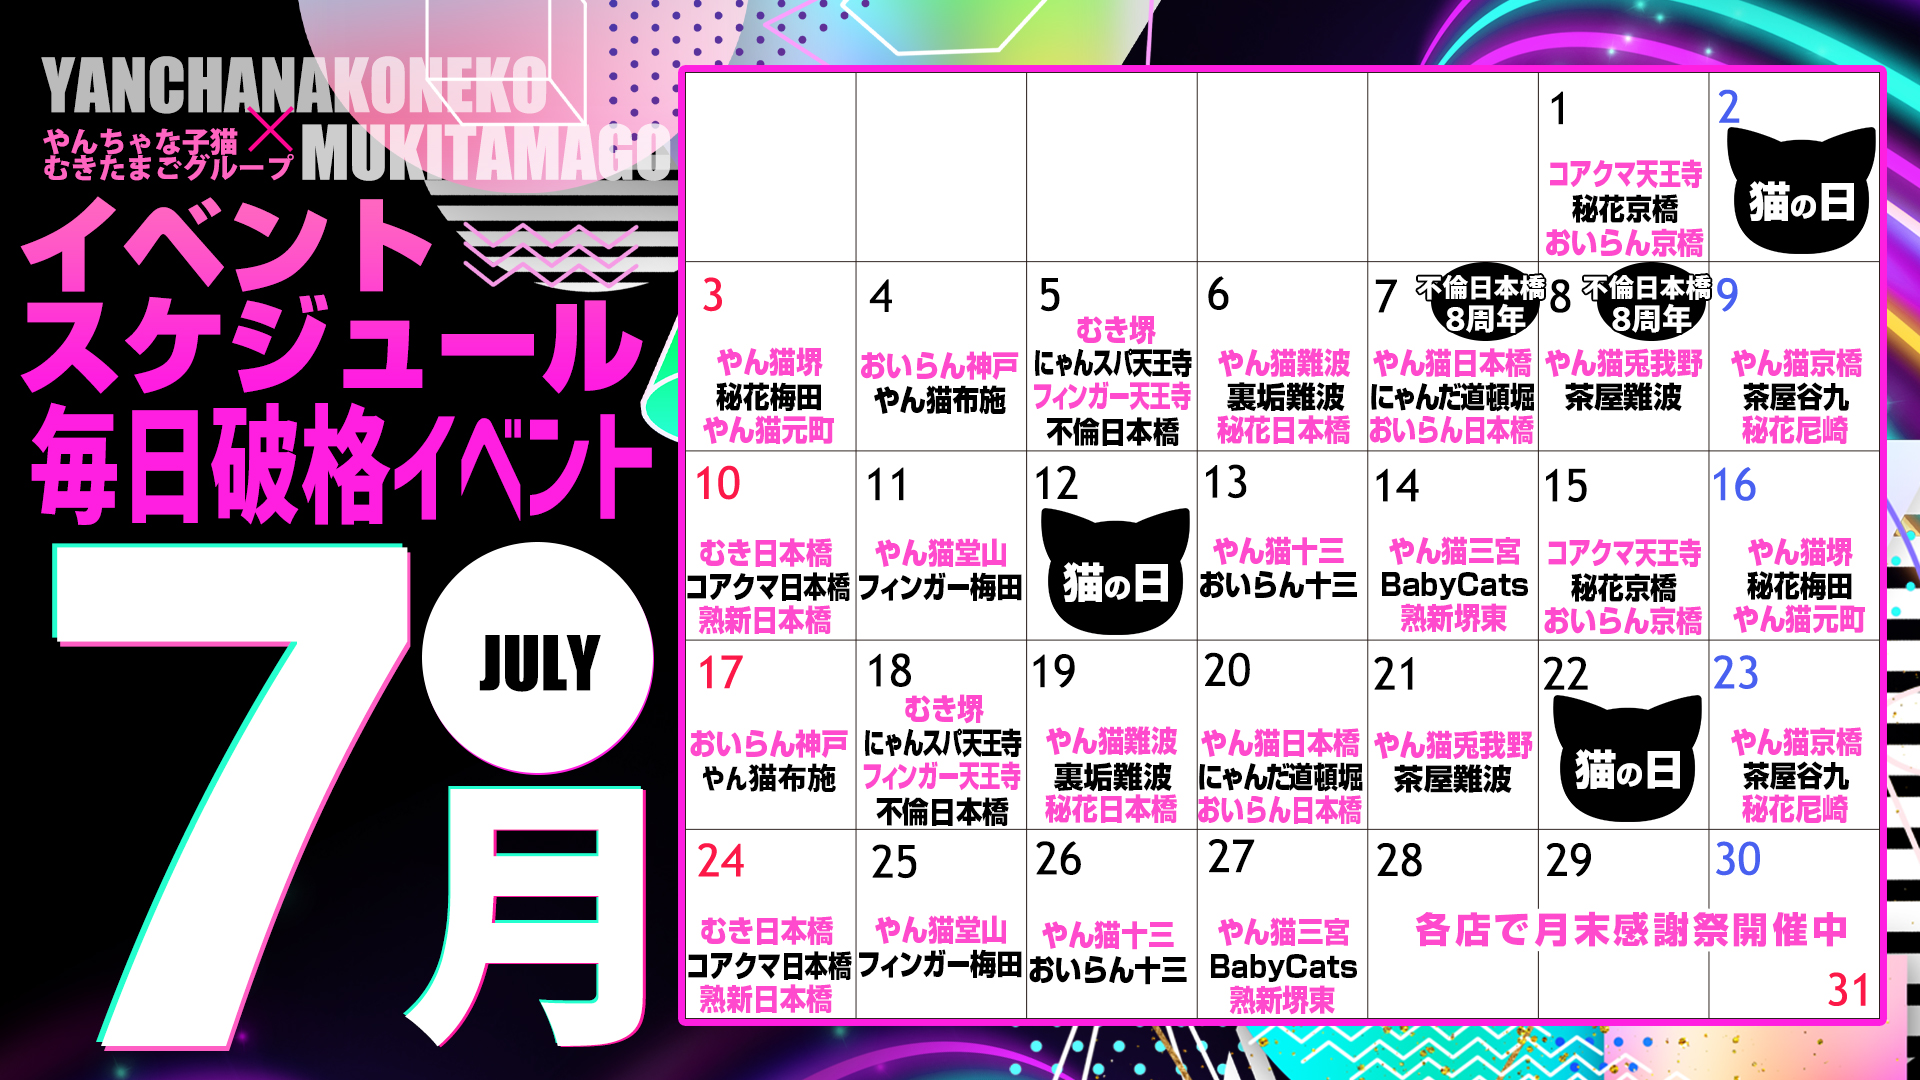 全店オフィシャルホームページリニューアル中!!